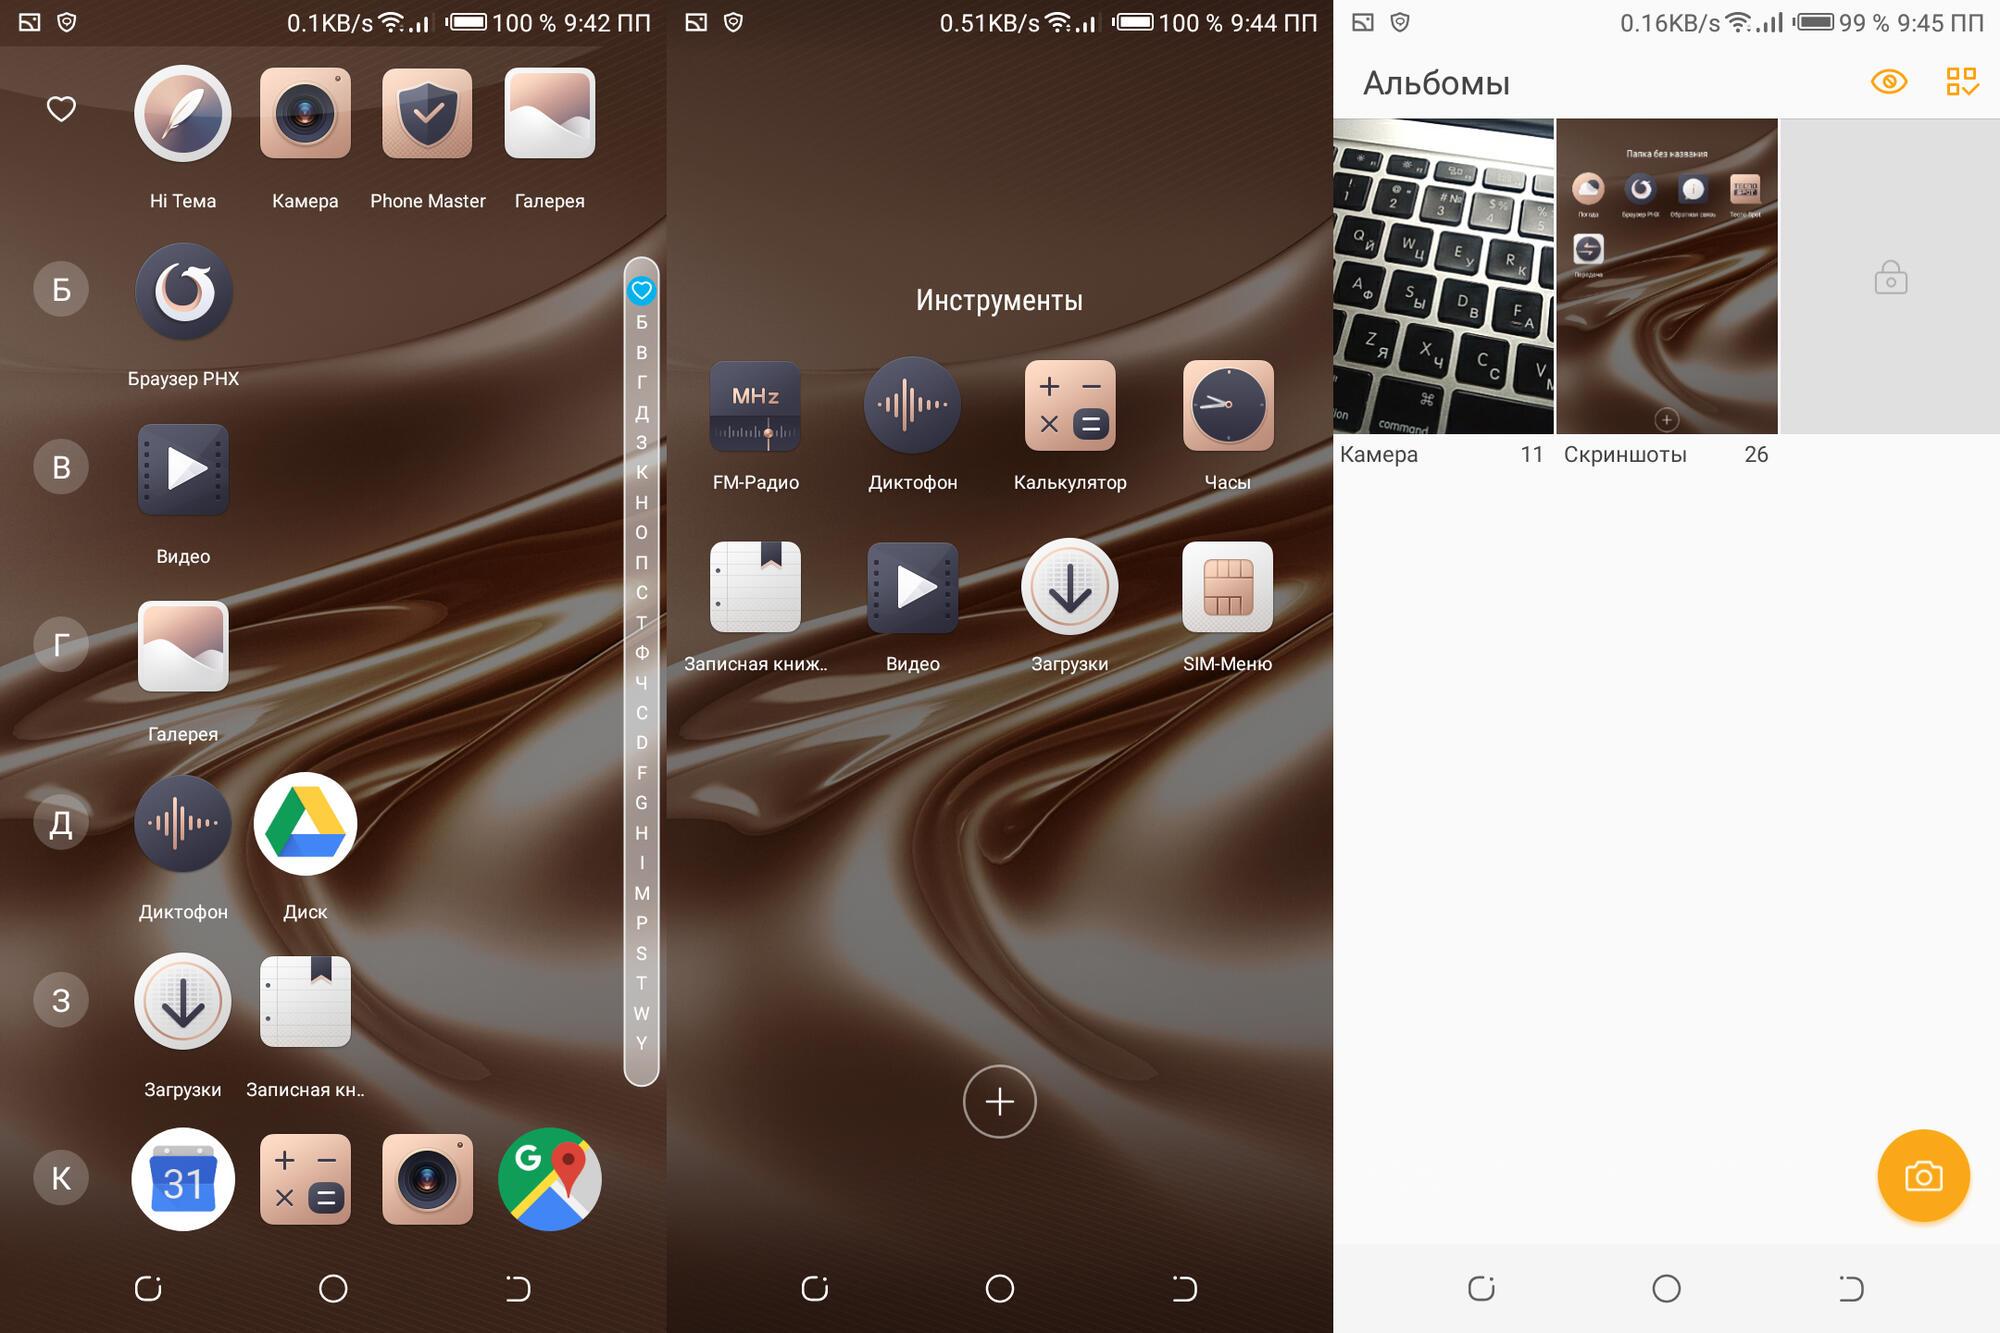 Personalnyy blog - Dolgoigrayushciy smartfon TECNO Pouvoir 2